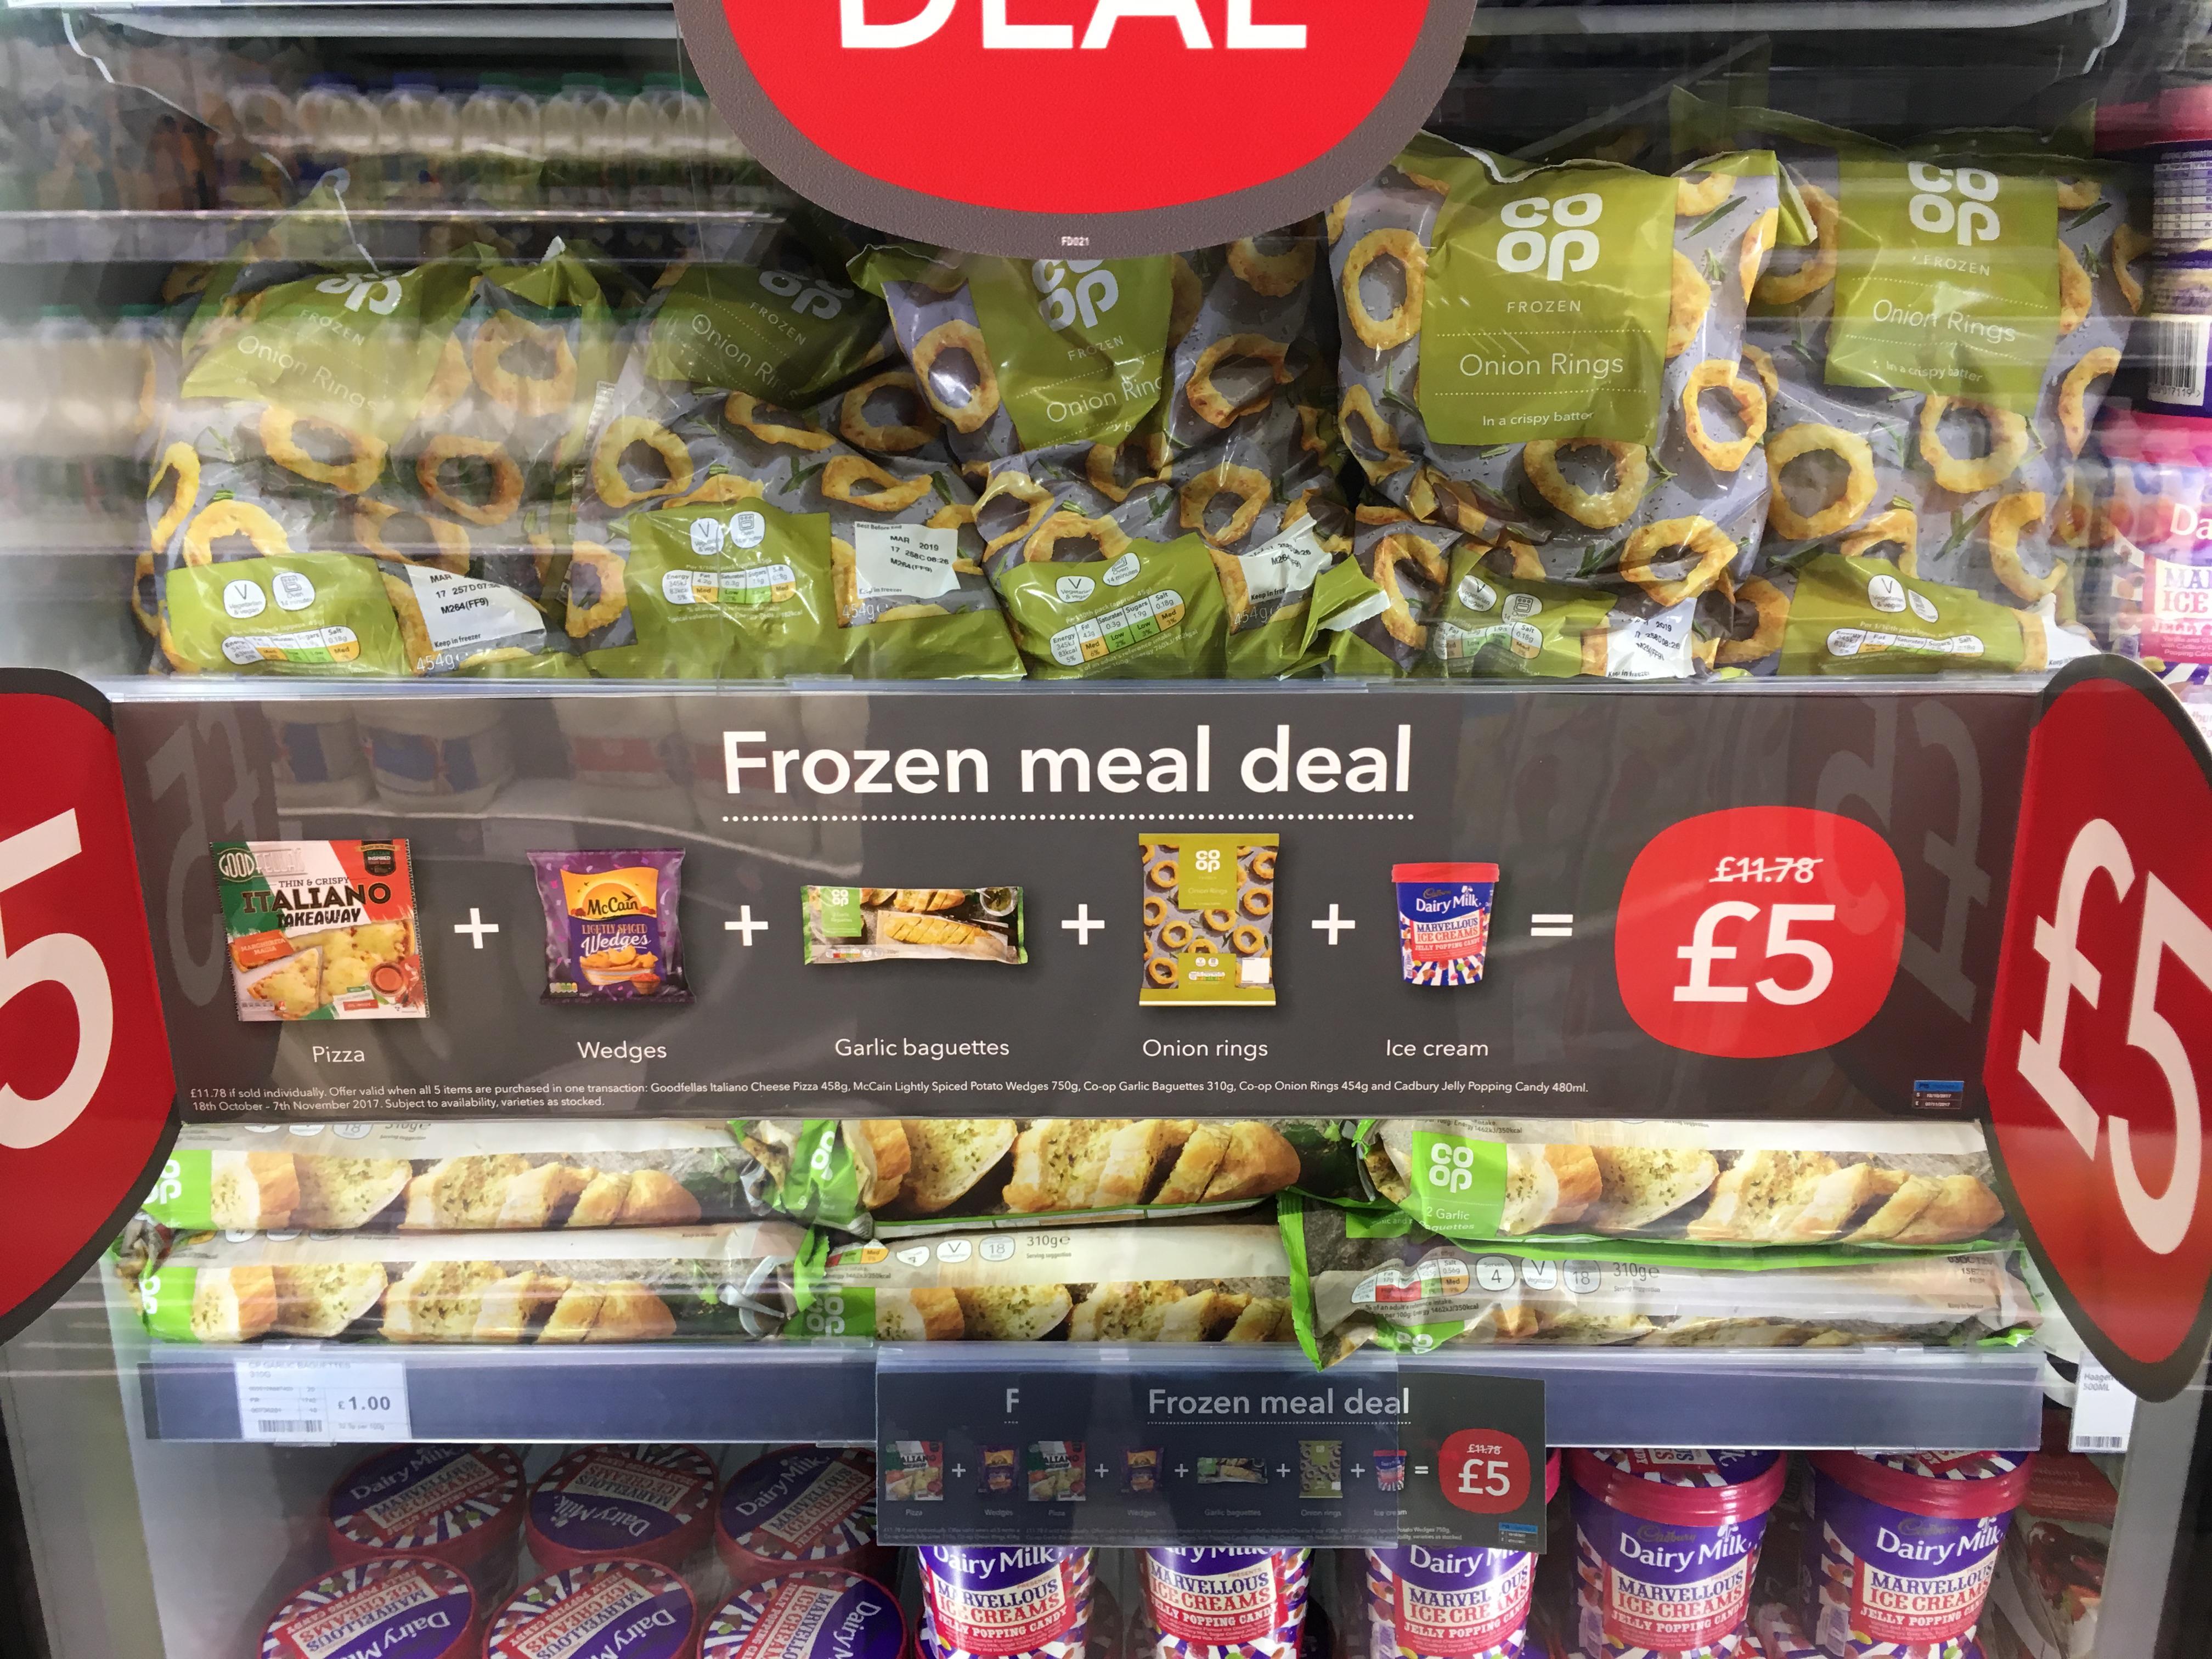 Coop frozen meal deal £5 instore